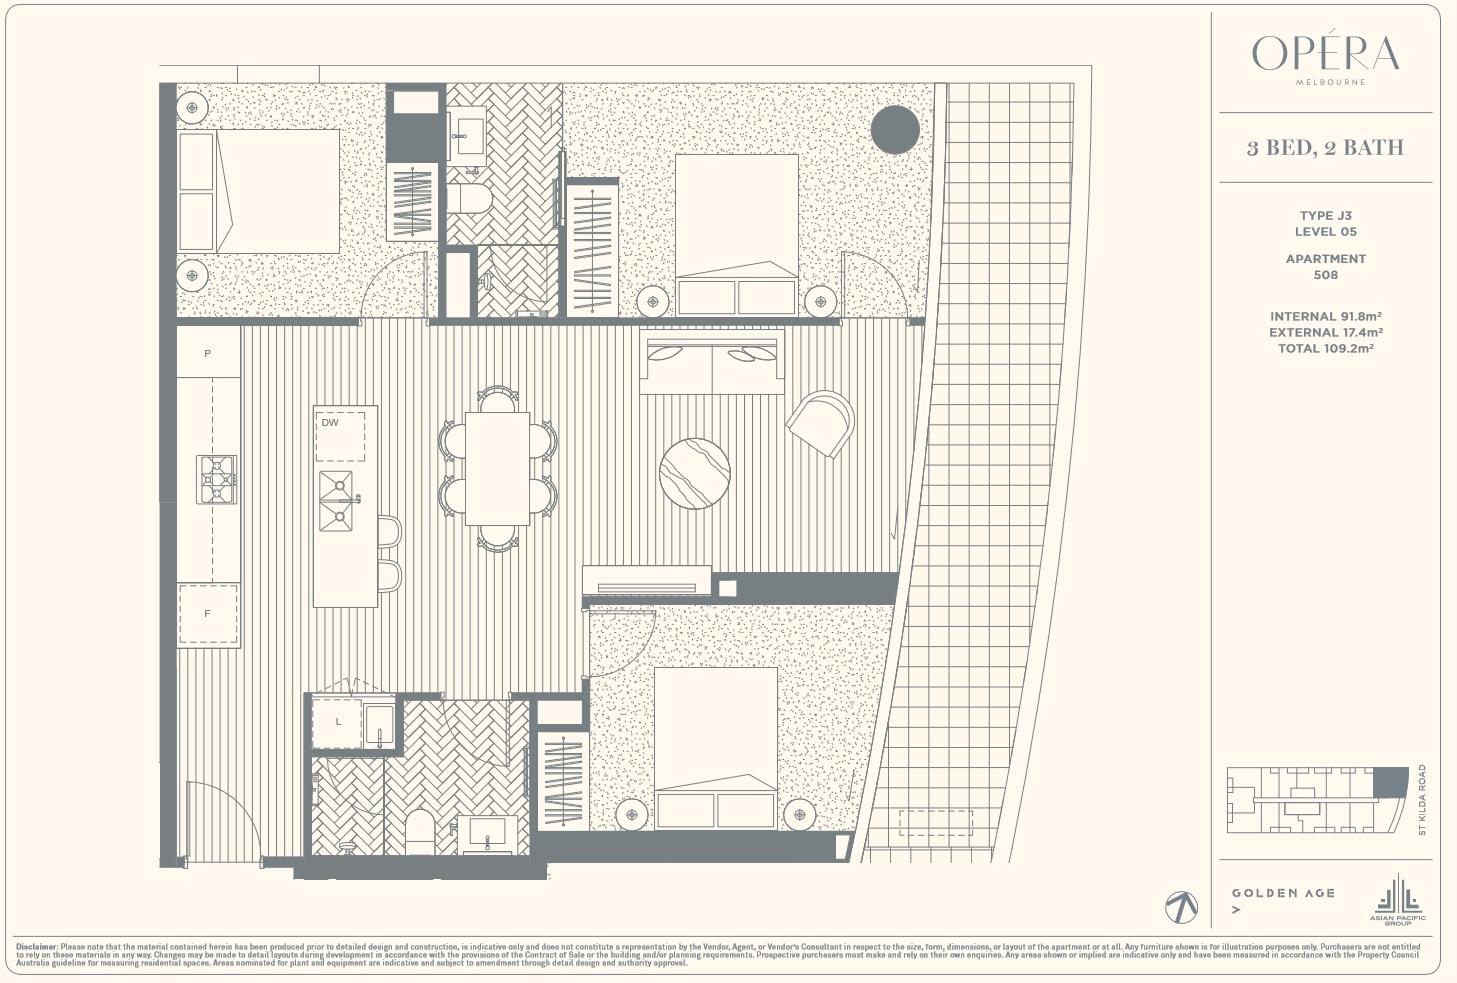 Floor Plan Type J3 - 3Bed2Bath